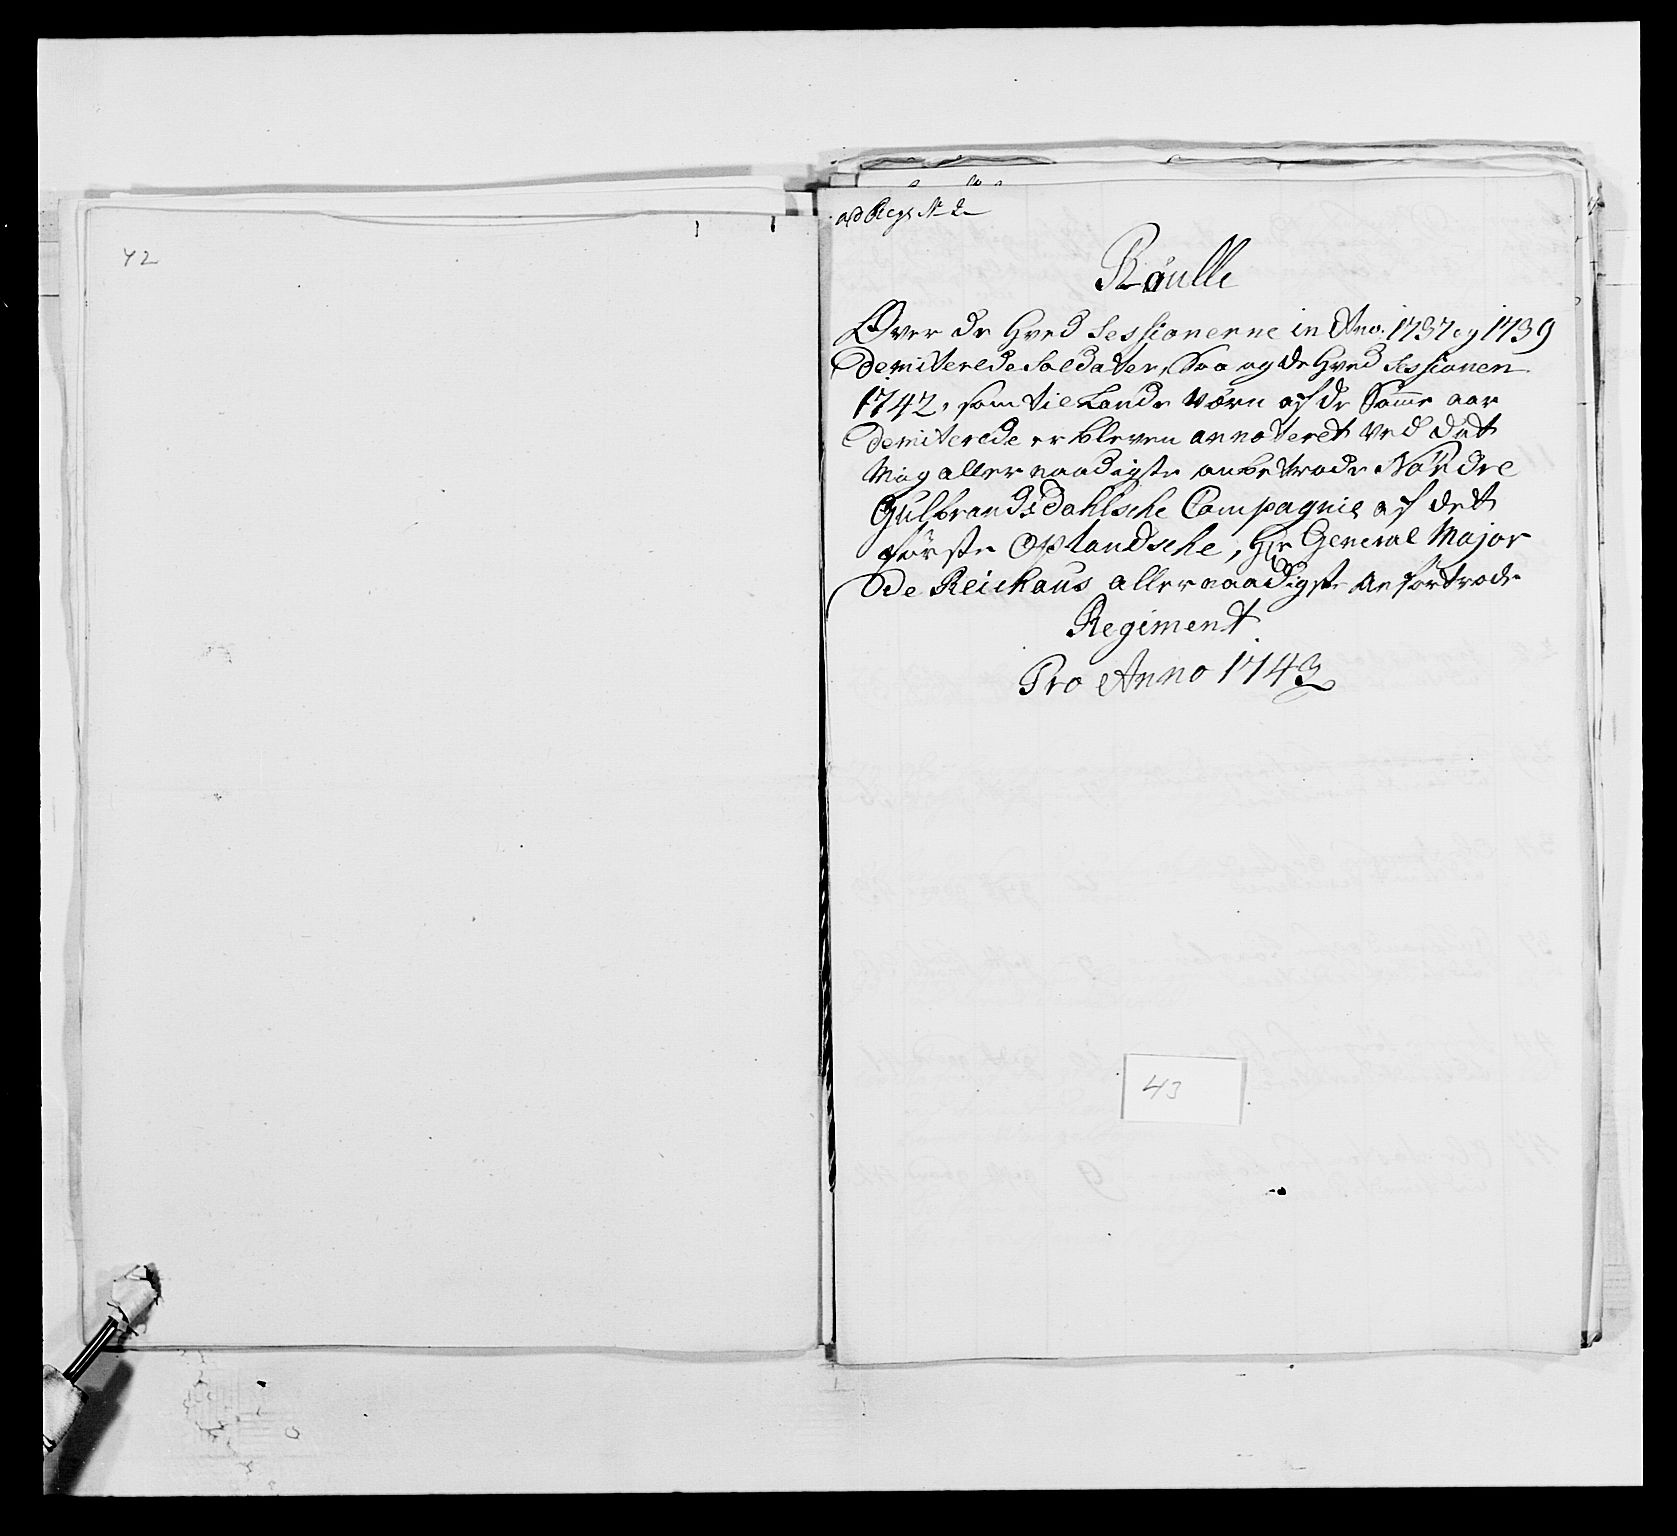 RA, Kommanderende general (KG I) med Det norske krigsdirektorium, E/Ea/L0502: 1. Opplandske regiment, 1720-1743, s. 520